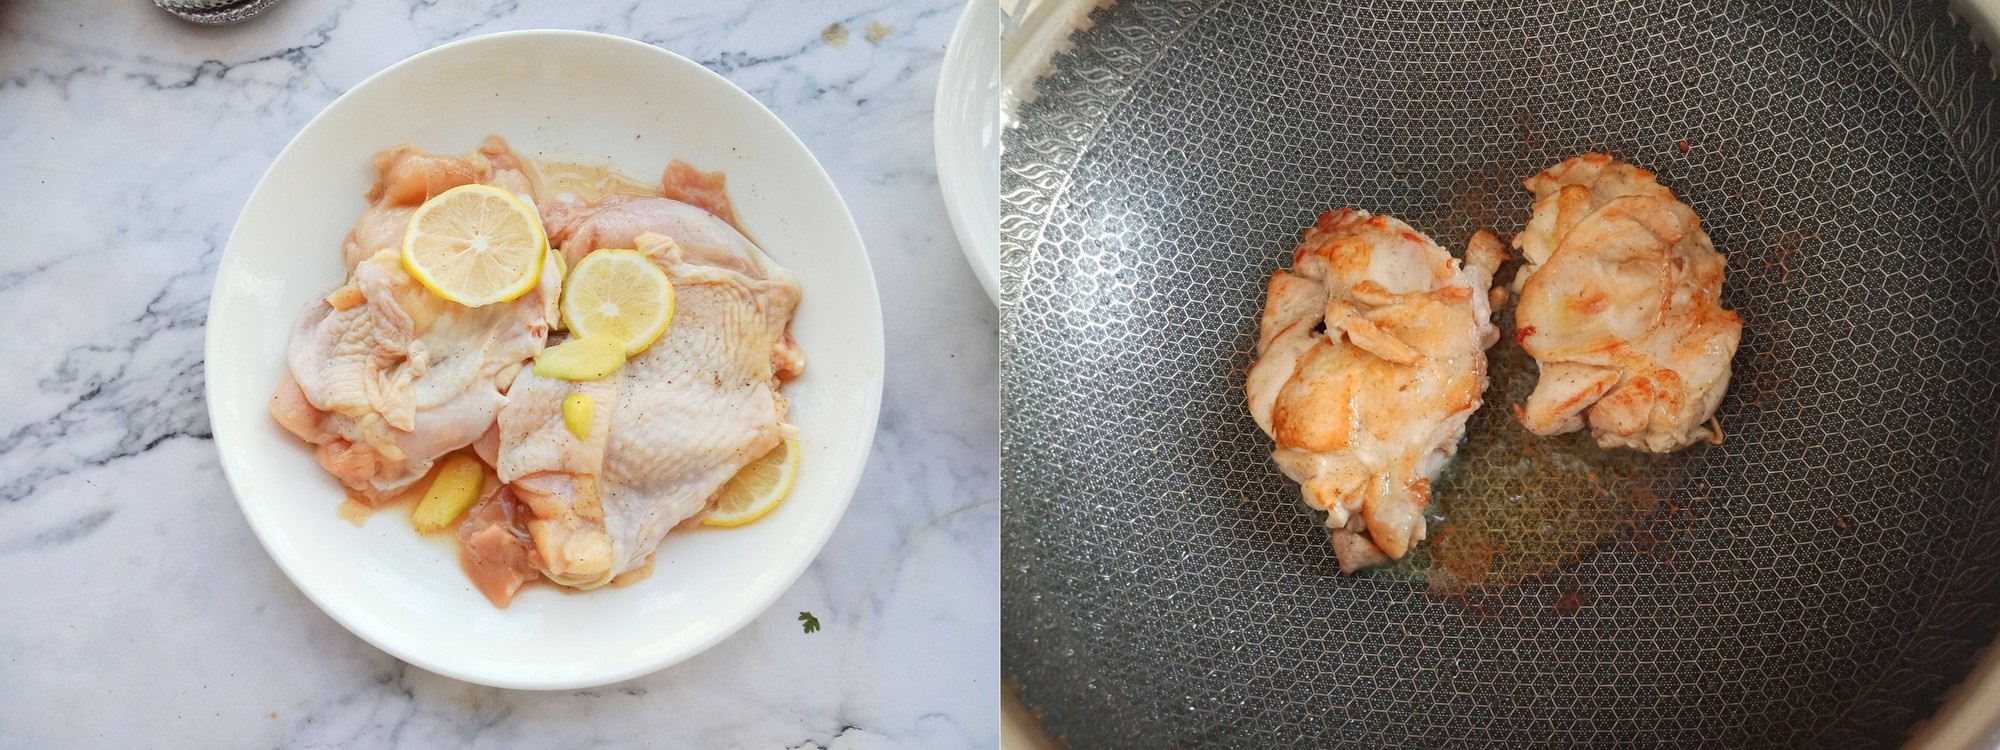 Món ngon mới toanh từ thịt gà đổi món cho cả nhà dịp cuối tuần - Ảnh 2